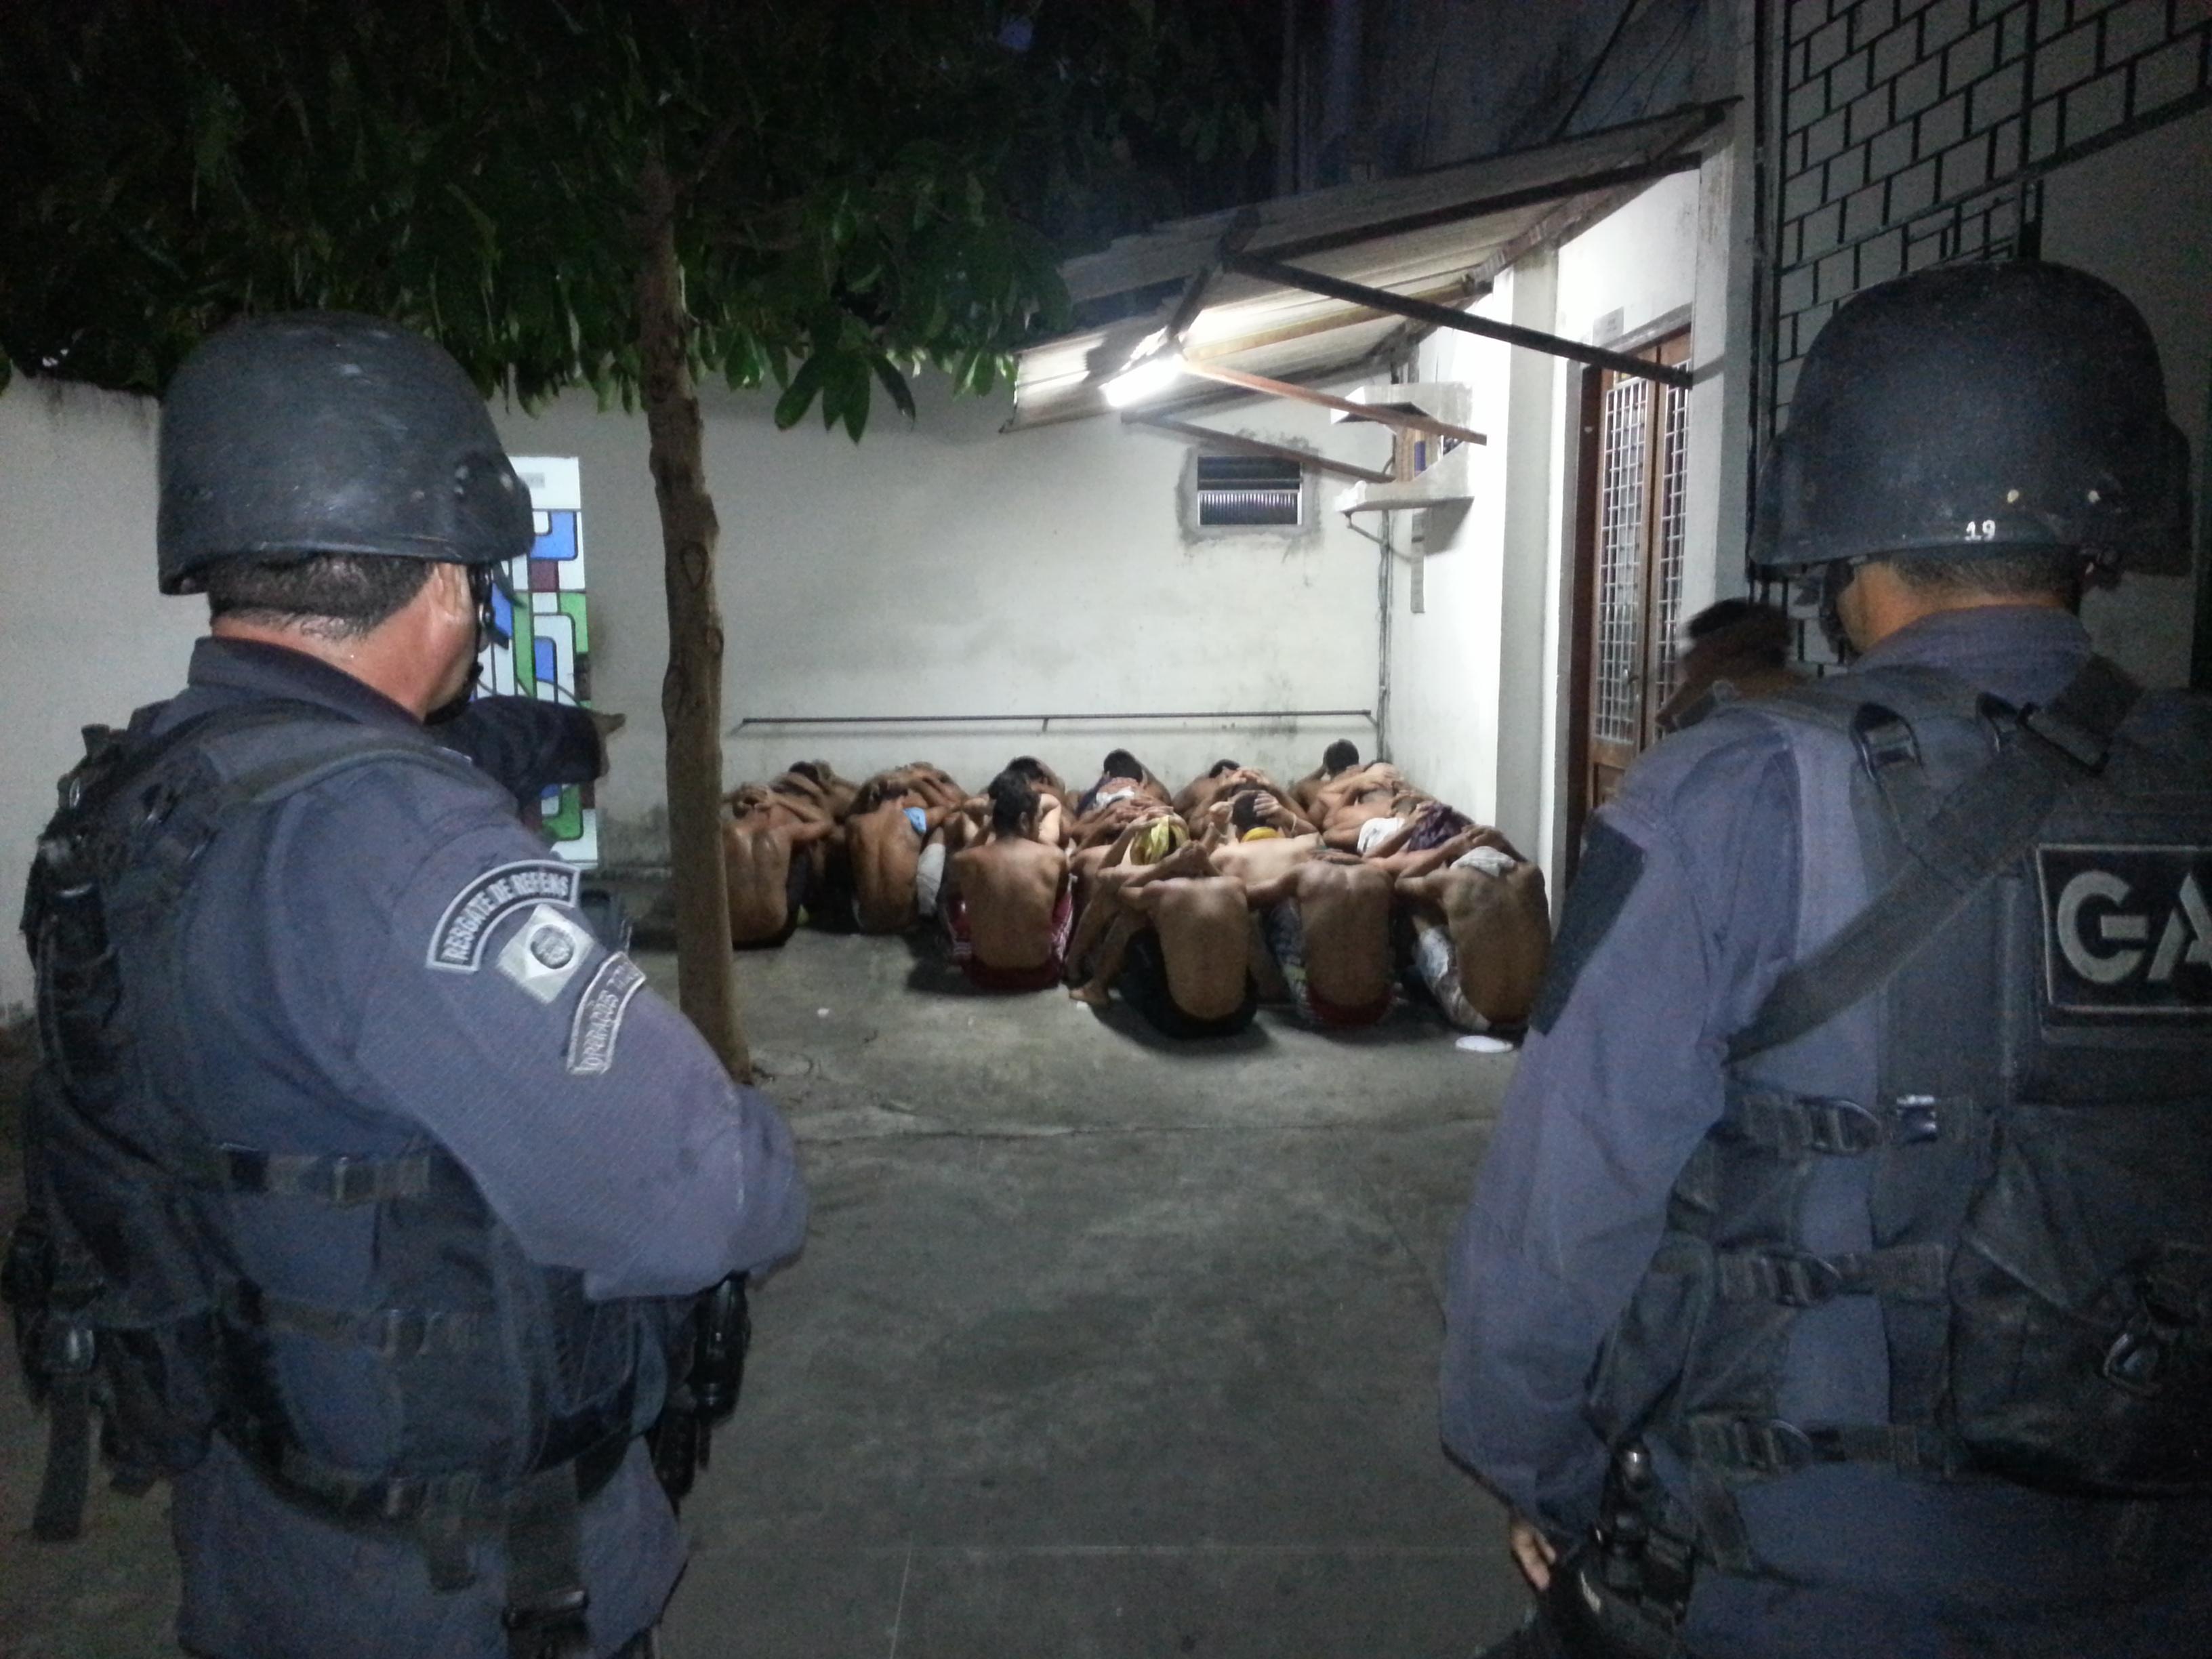 Os presos detidos na Delegacia de Capturas, no Centro de Fortaleza, fizeram uma rebelião na noite desta sexta-feira (25).